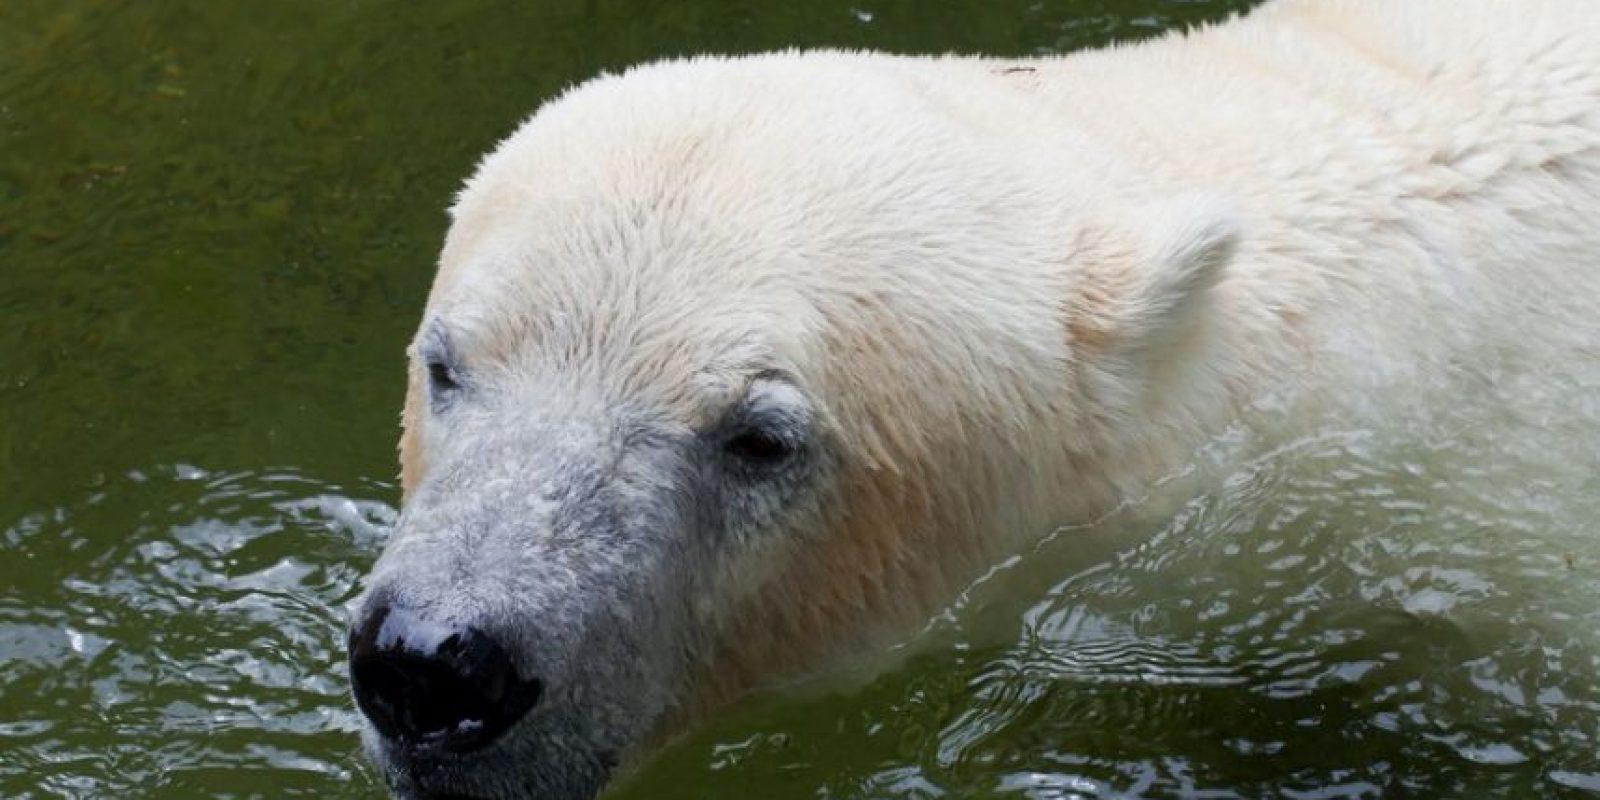 omo este hielo comienza a derretirse, su hábitat natural está siendo destruido y no hay forma de recuperarlo. Las únicas excepciones son los que están en cautiverio en zoológicos, donde las temperaturas son más cálidas. Foto:Pixabay